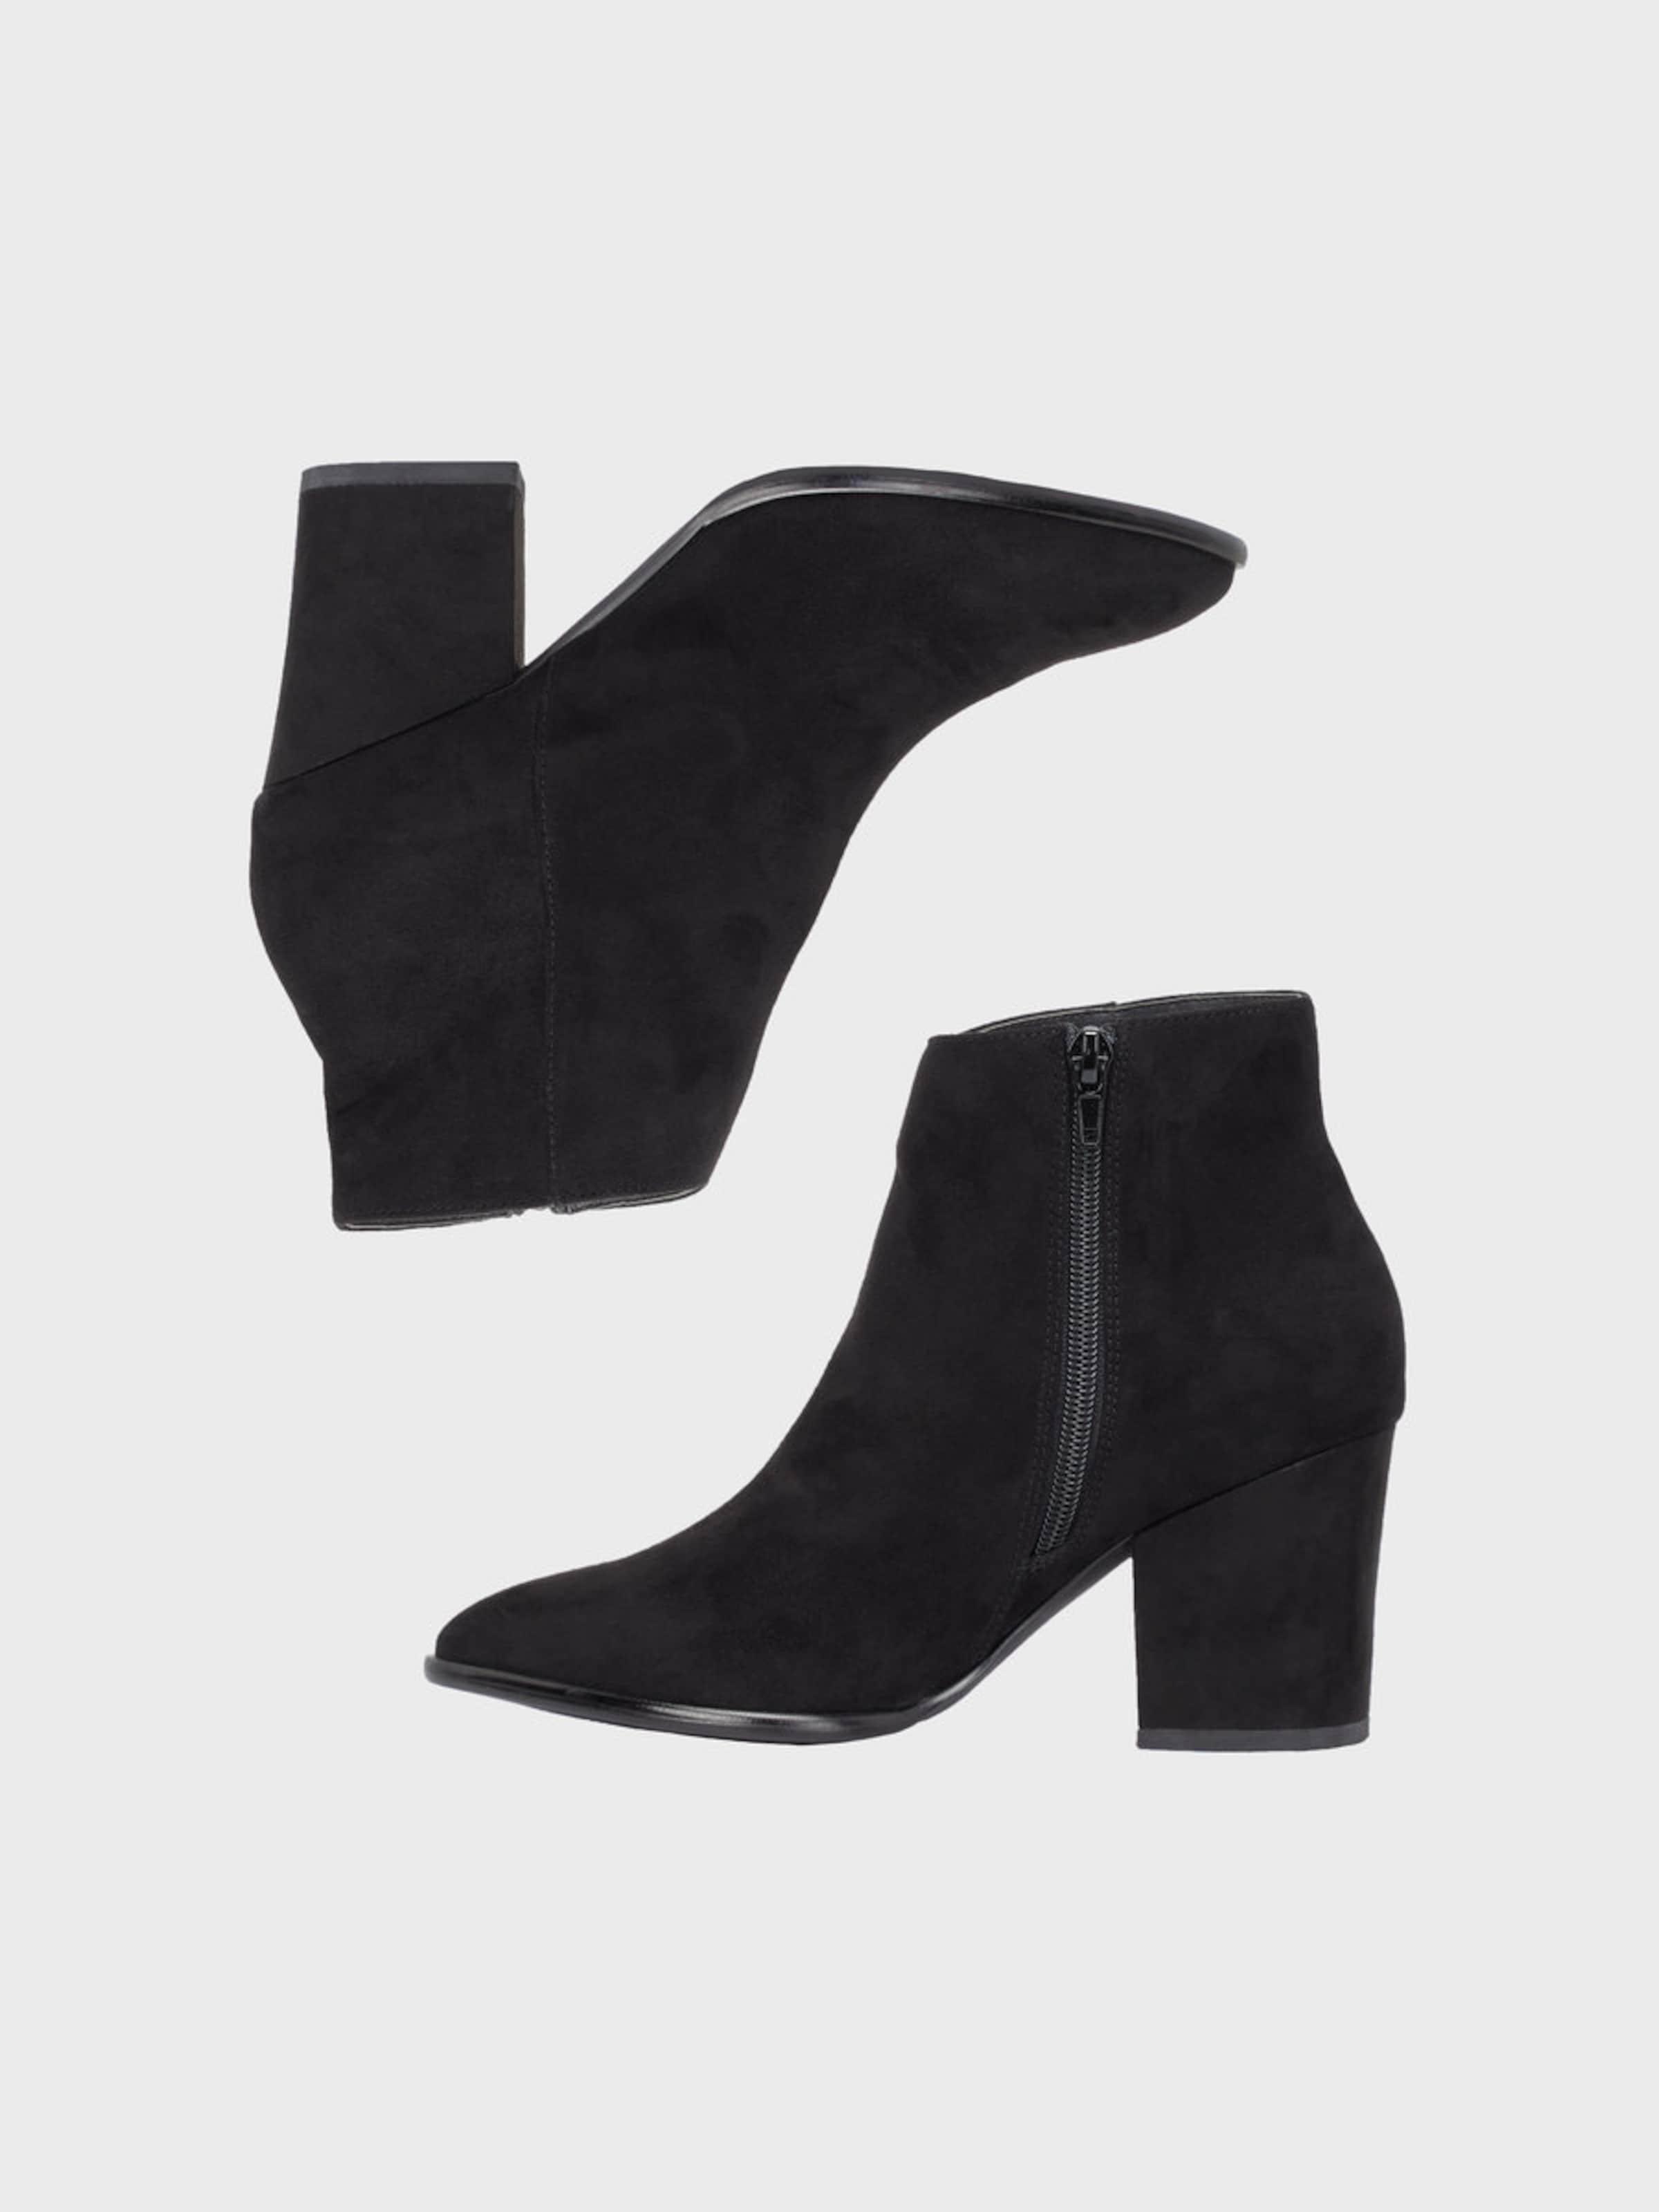 Bianco Klassische Stiefel Spielraum Exklusiv Nicekicks Verkauf Besuch Outlet Shop Angebot Billigste Zum Verkauf NEIQOEnZ